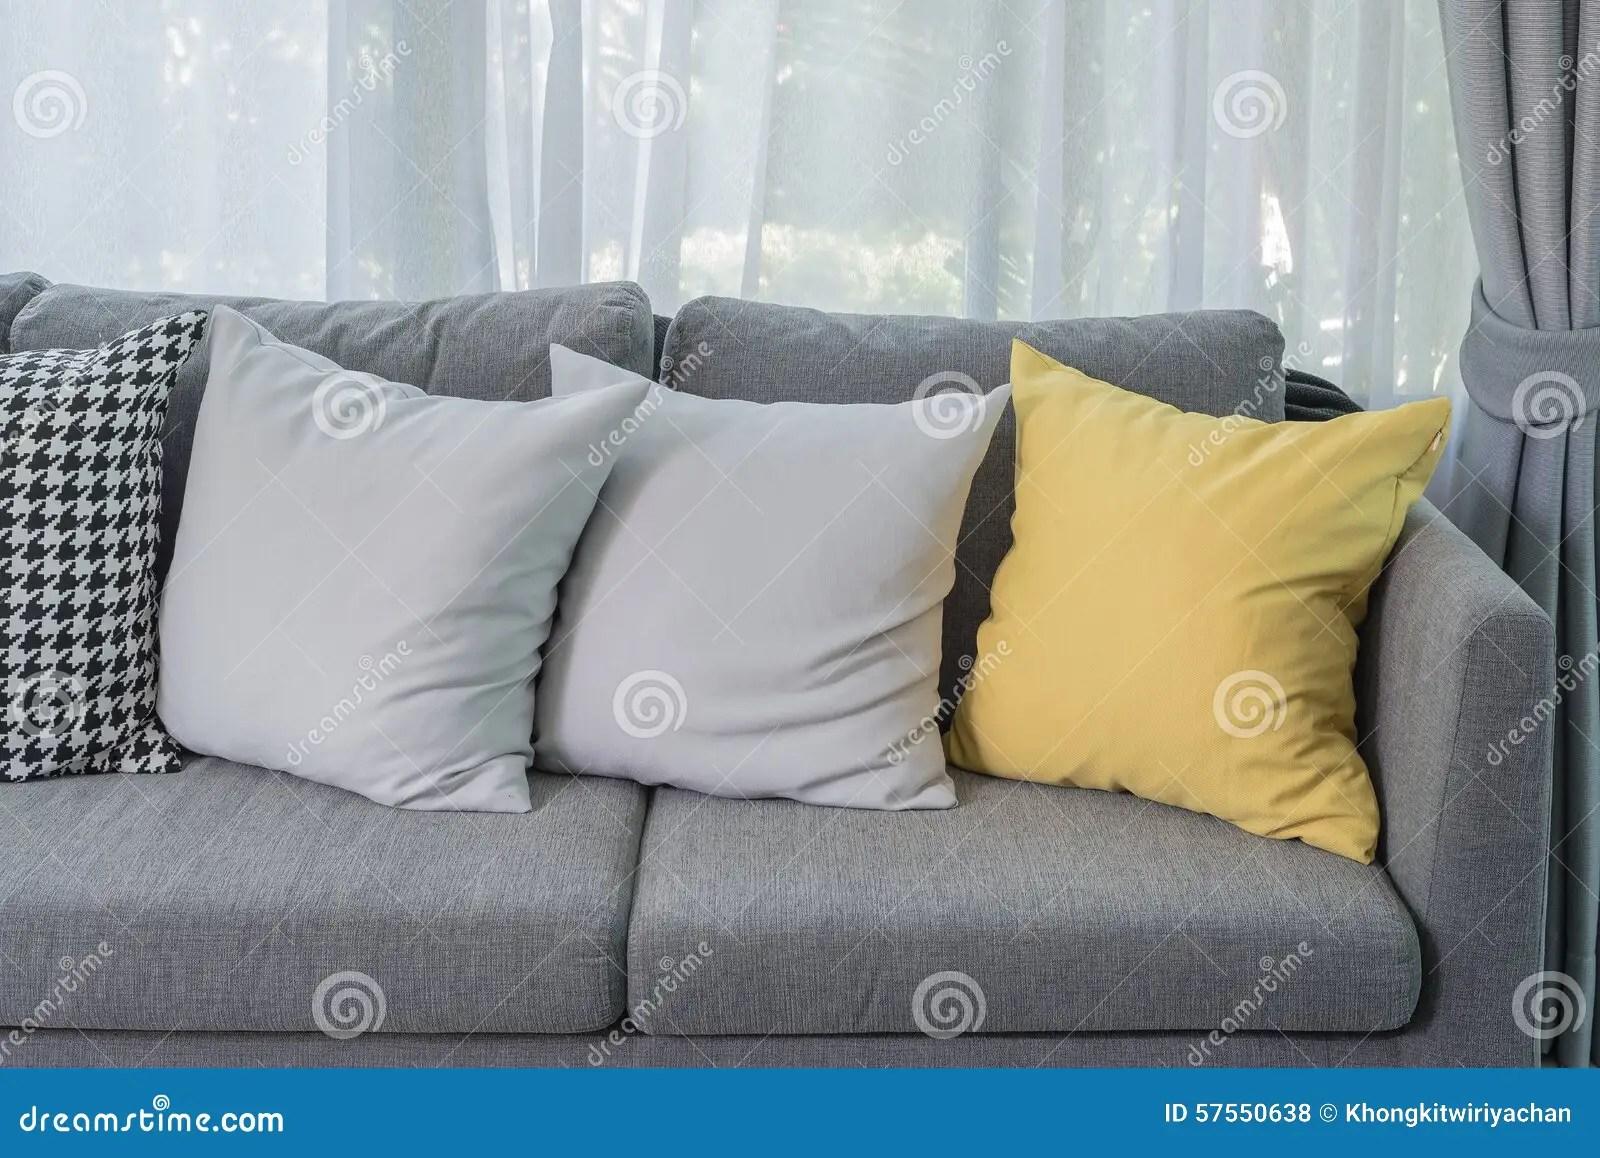 oreiller jaune sur le sofa gris dans le salon moderne